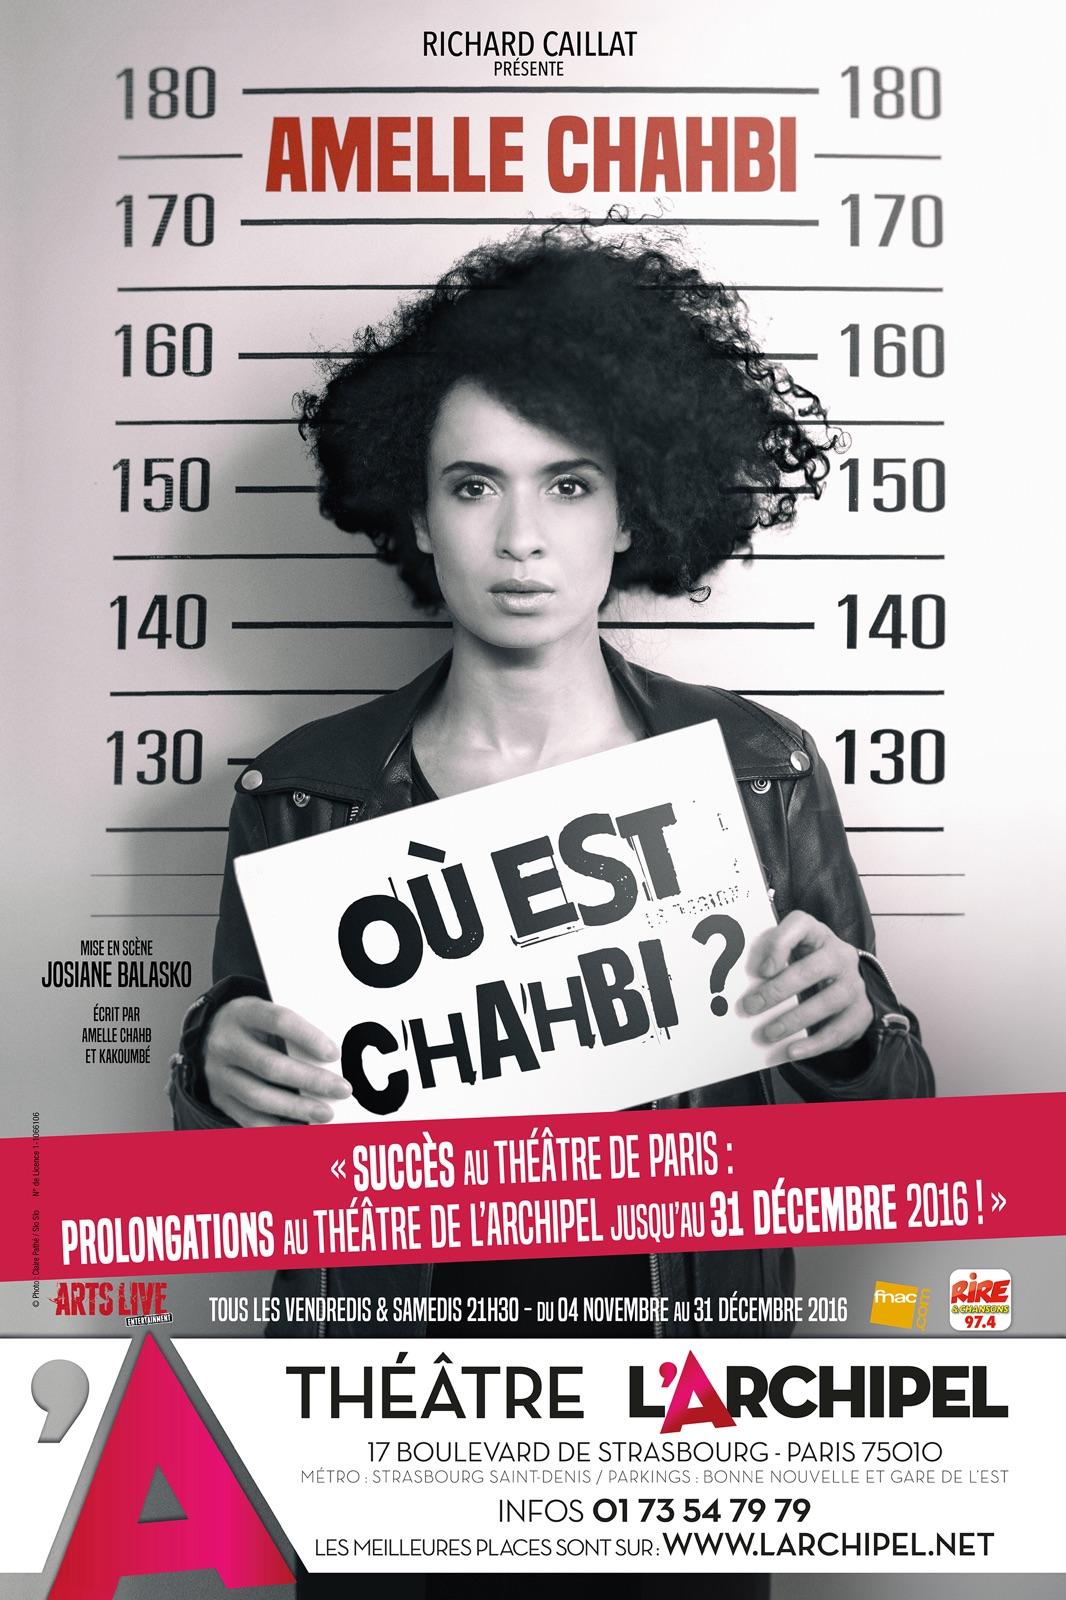 AMELLE CHAHBI, UNE ARTISTE A L'ENGAGEMENT ELEGANT, JOUE A L'ARCHIPEL